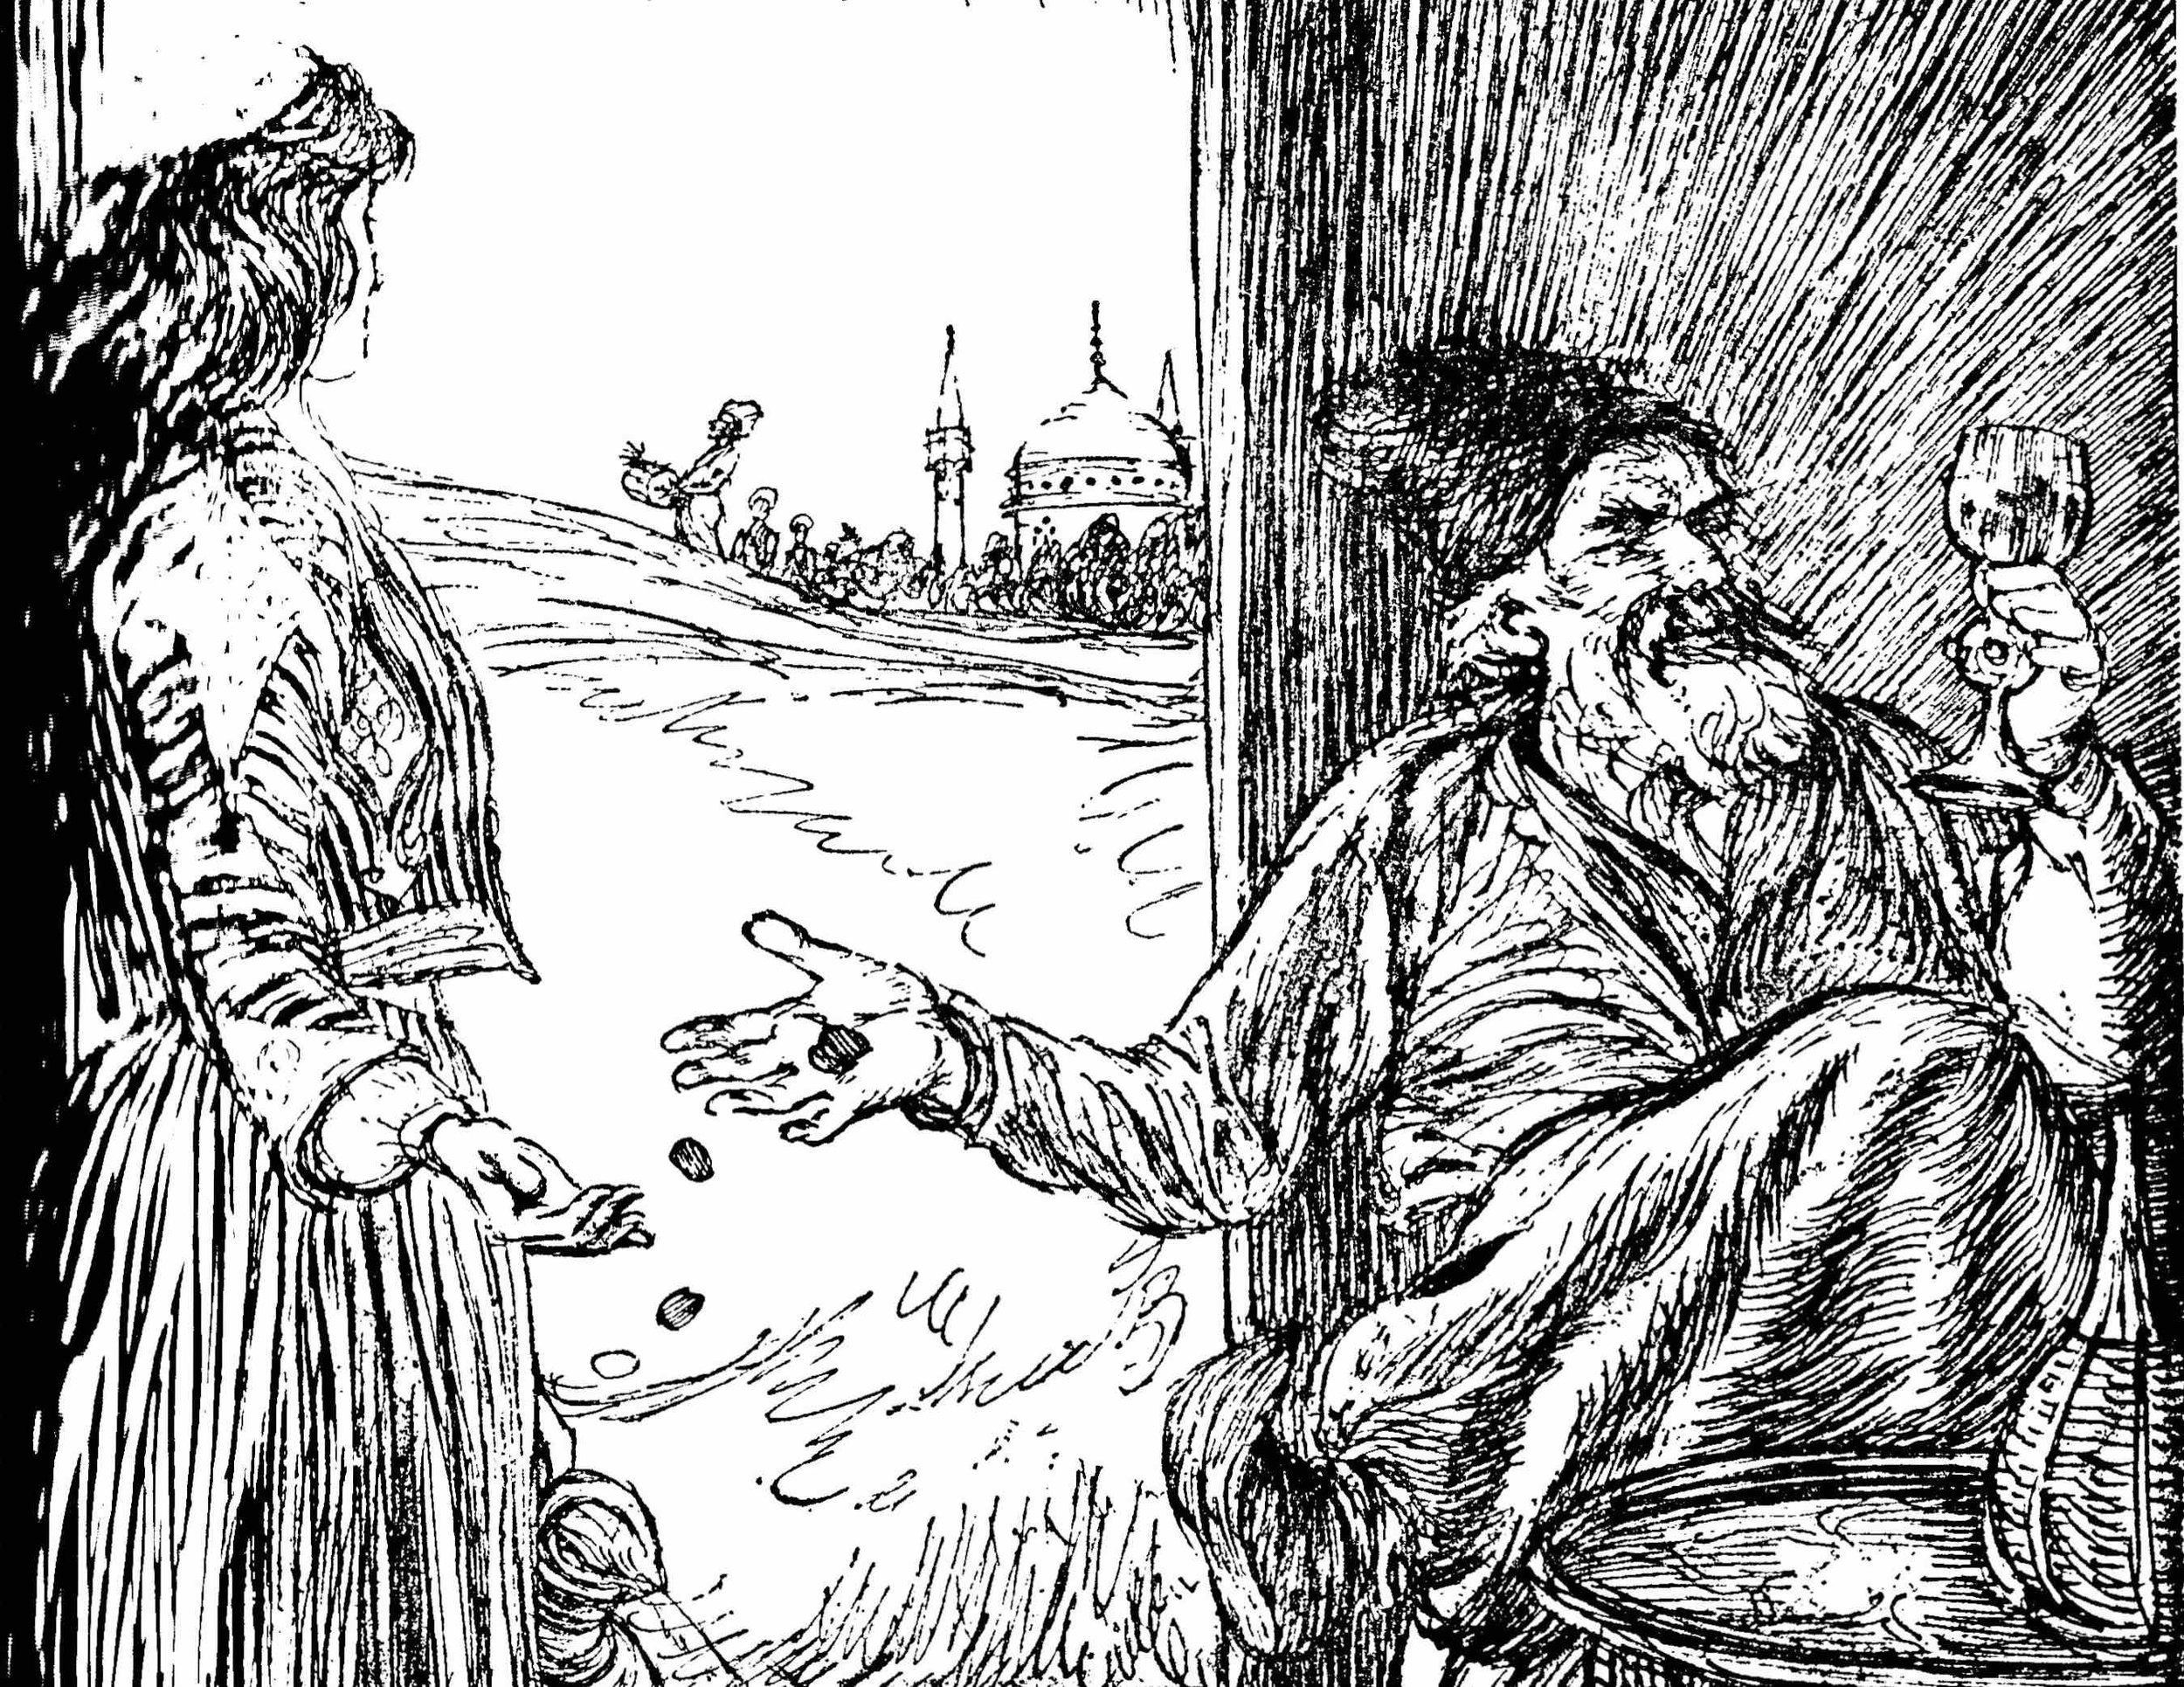 Illustrations for Khayyam's  Ruba'iyat , by Edmund Sullivan, 1913